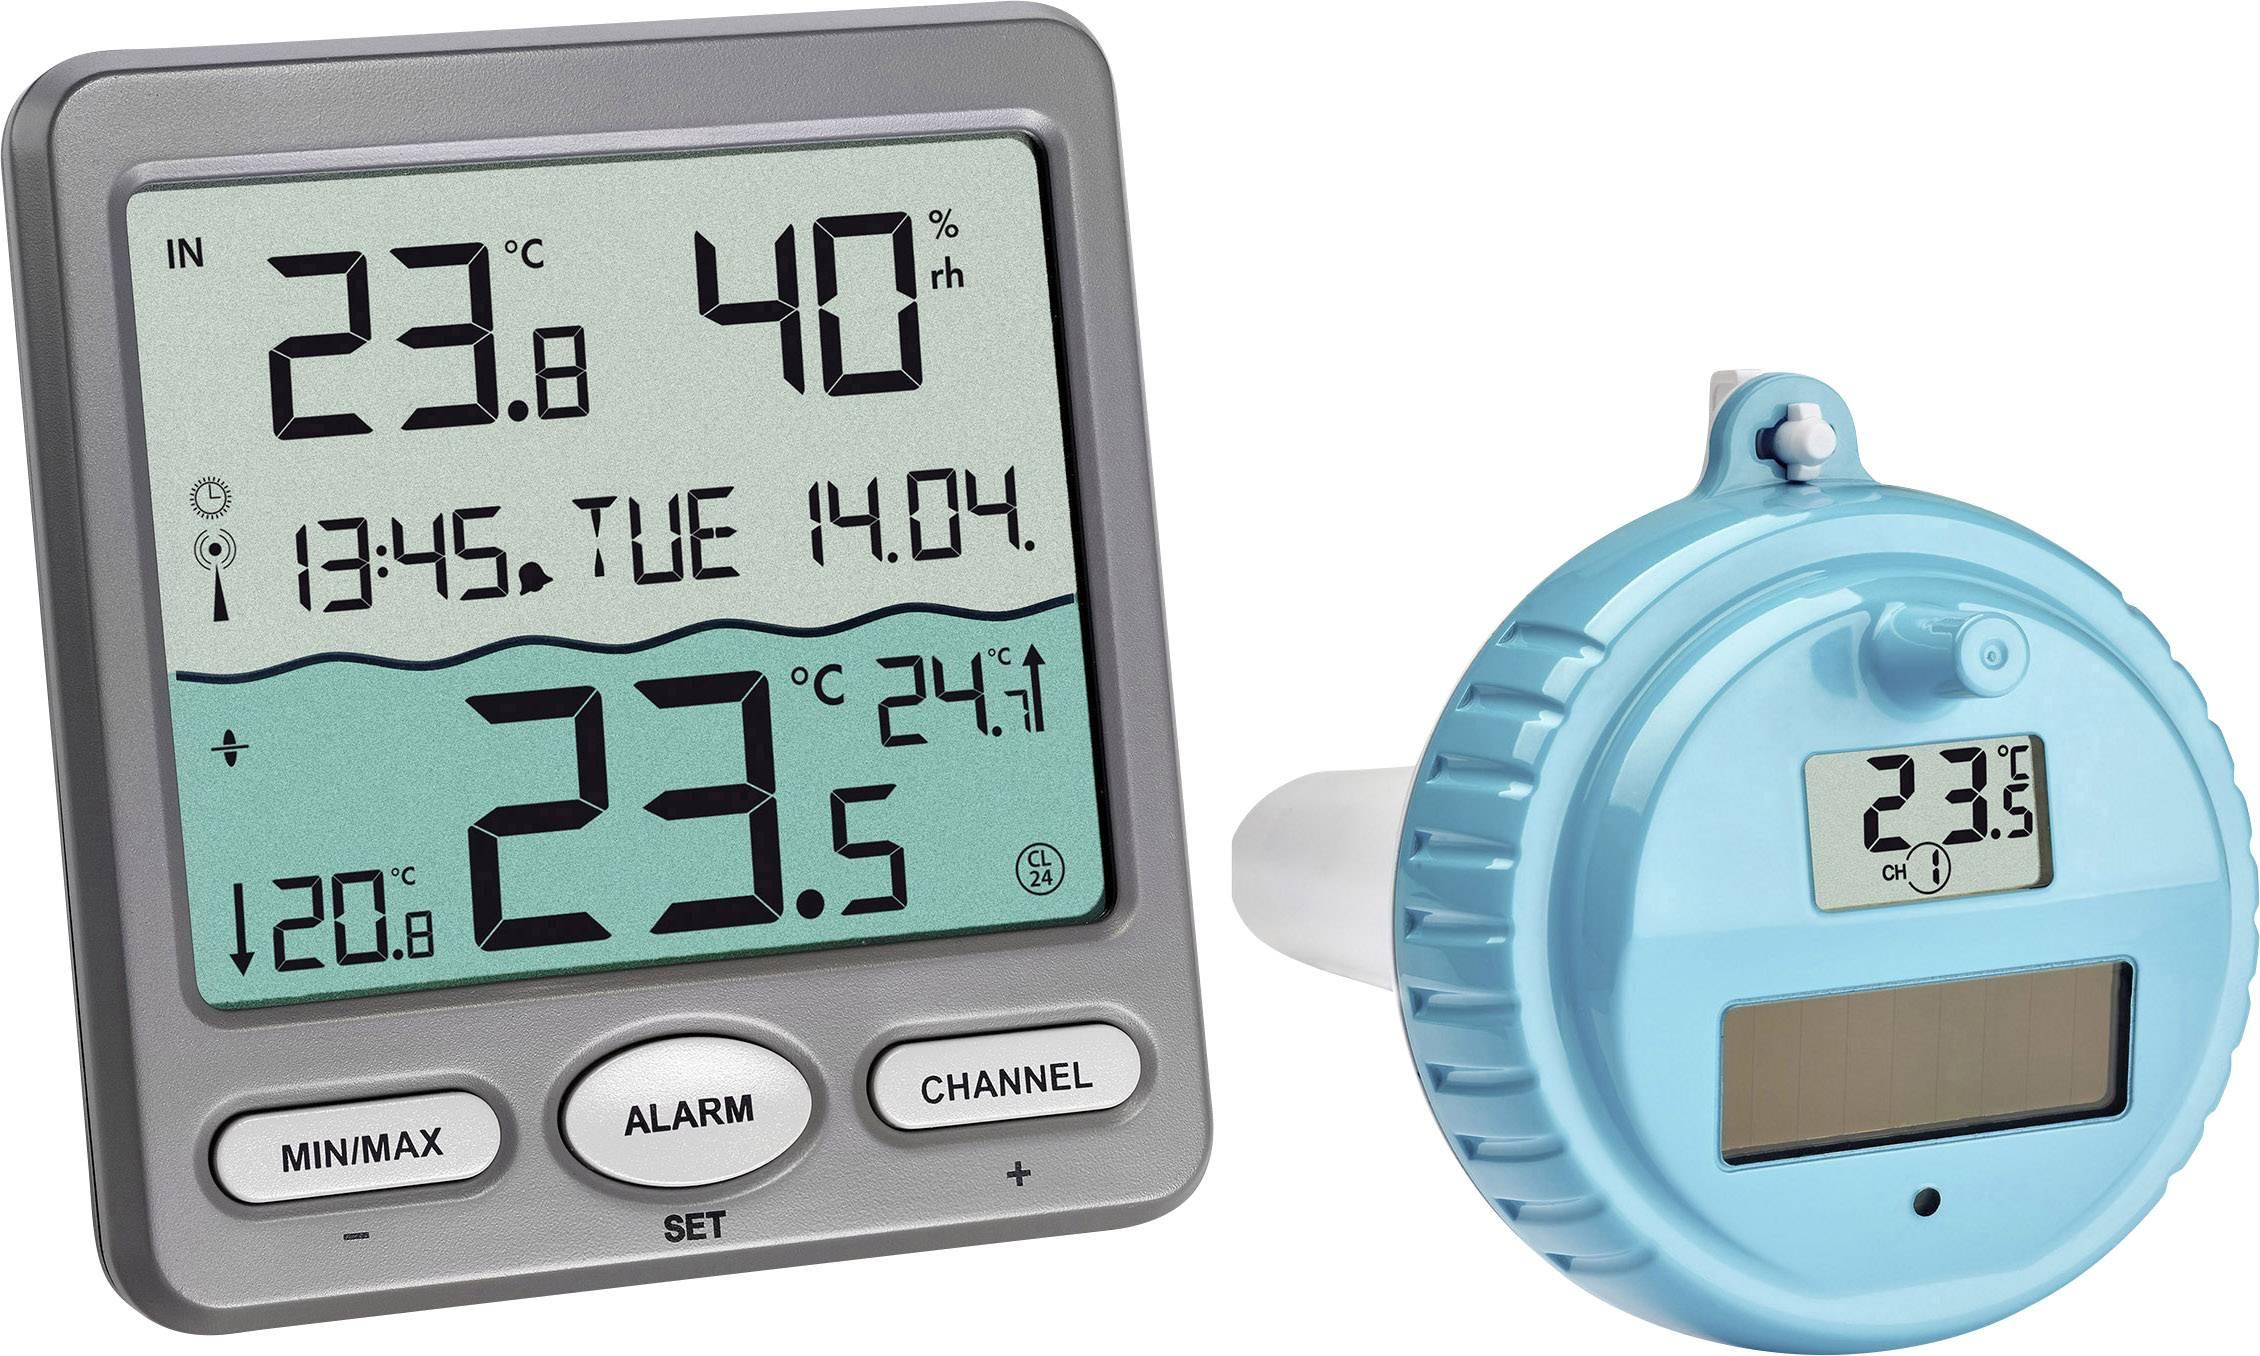 Thermomètres Tfa-Dostmann Marbella Thermomètre De Piscine ... intérieur Thermometre Piscine Connecté